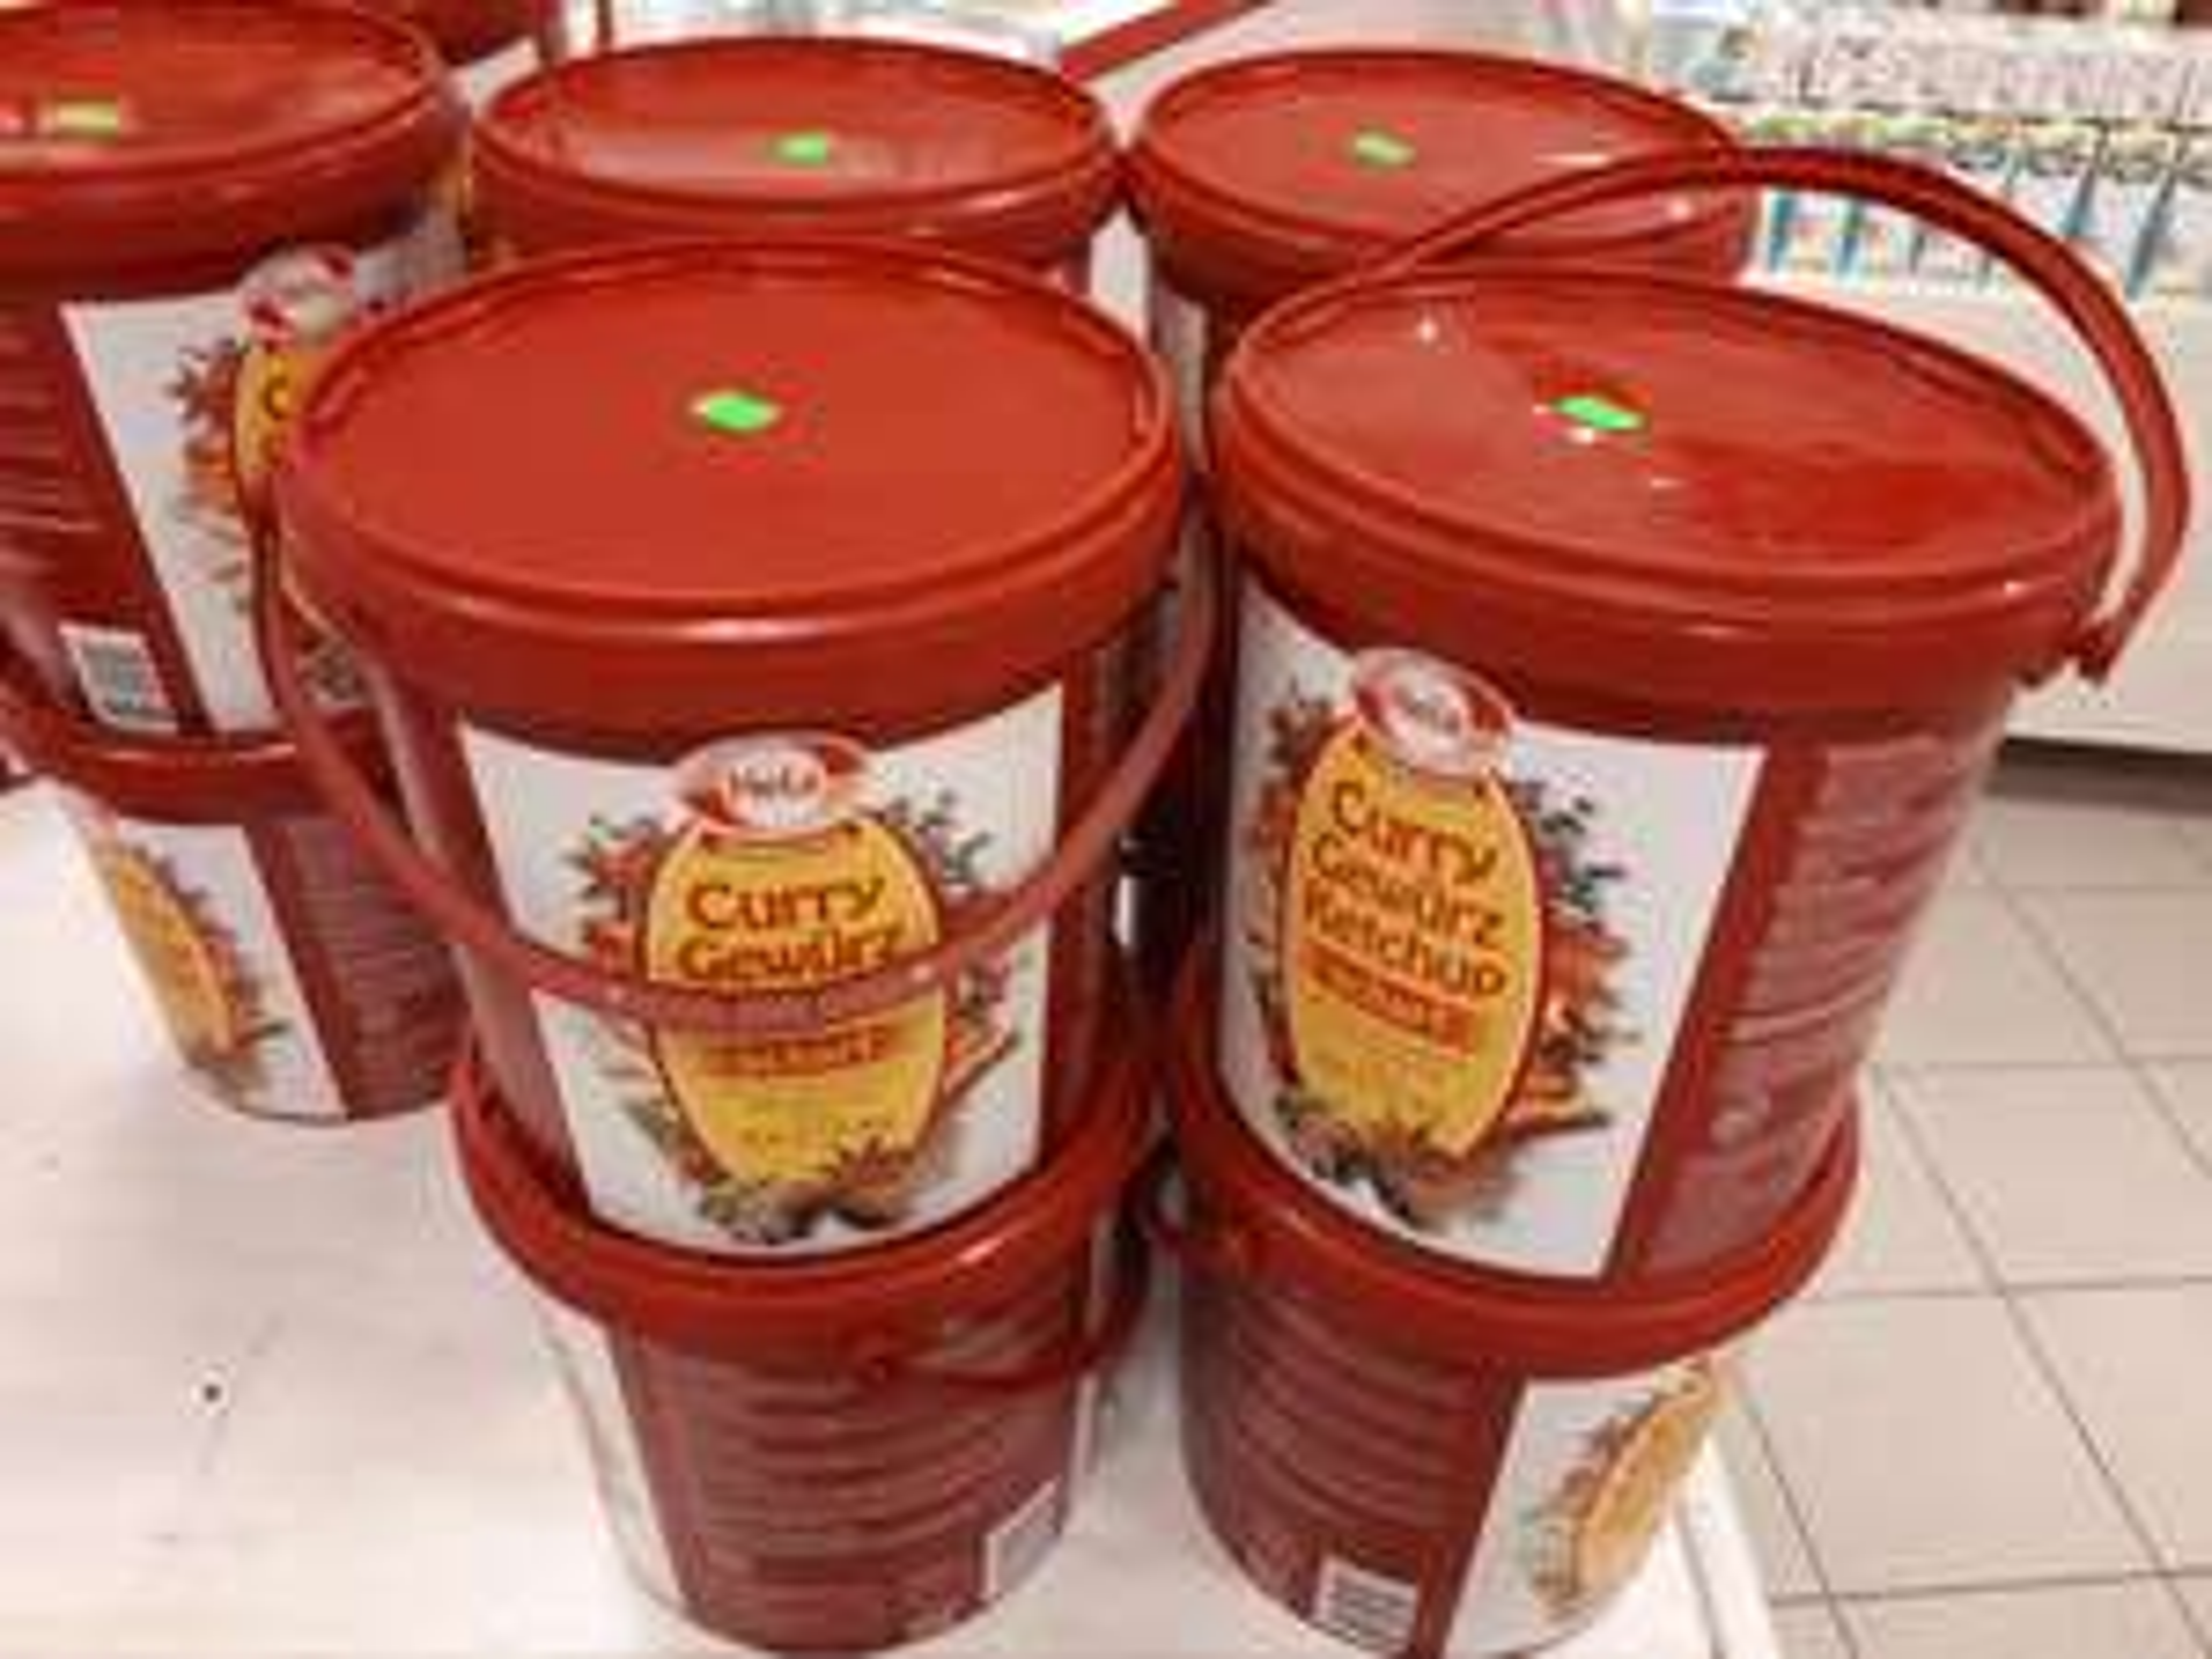 Hela Curry Gewürzt Ketchup Scharf 10kg  Sir Plus (Lokal Berlin)